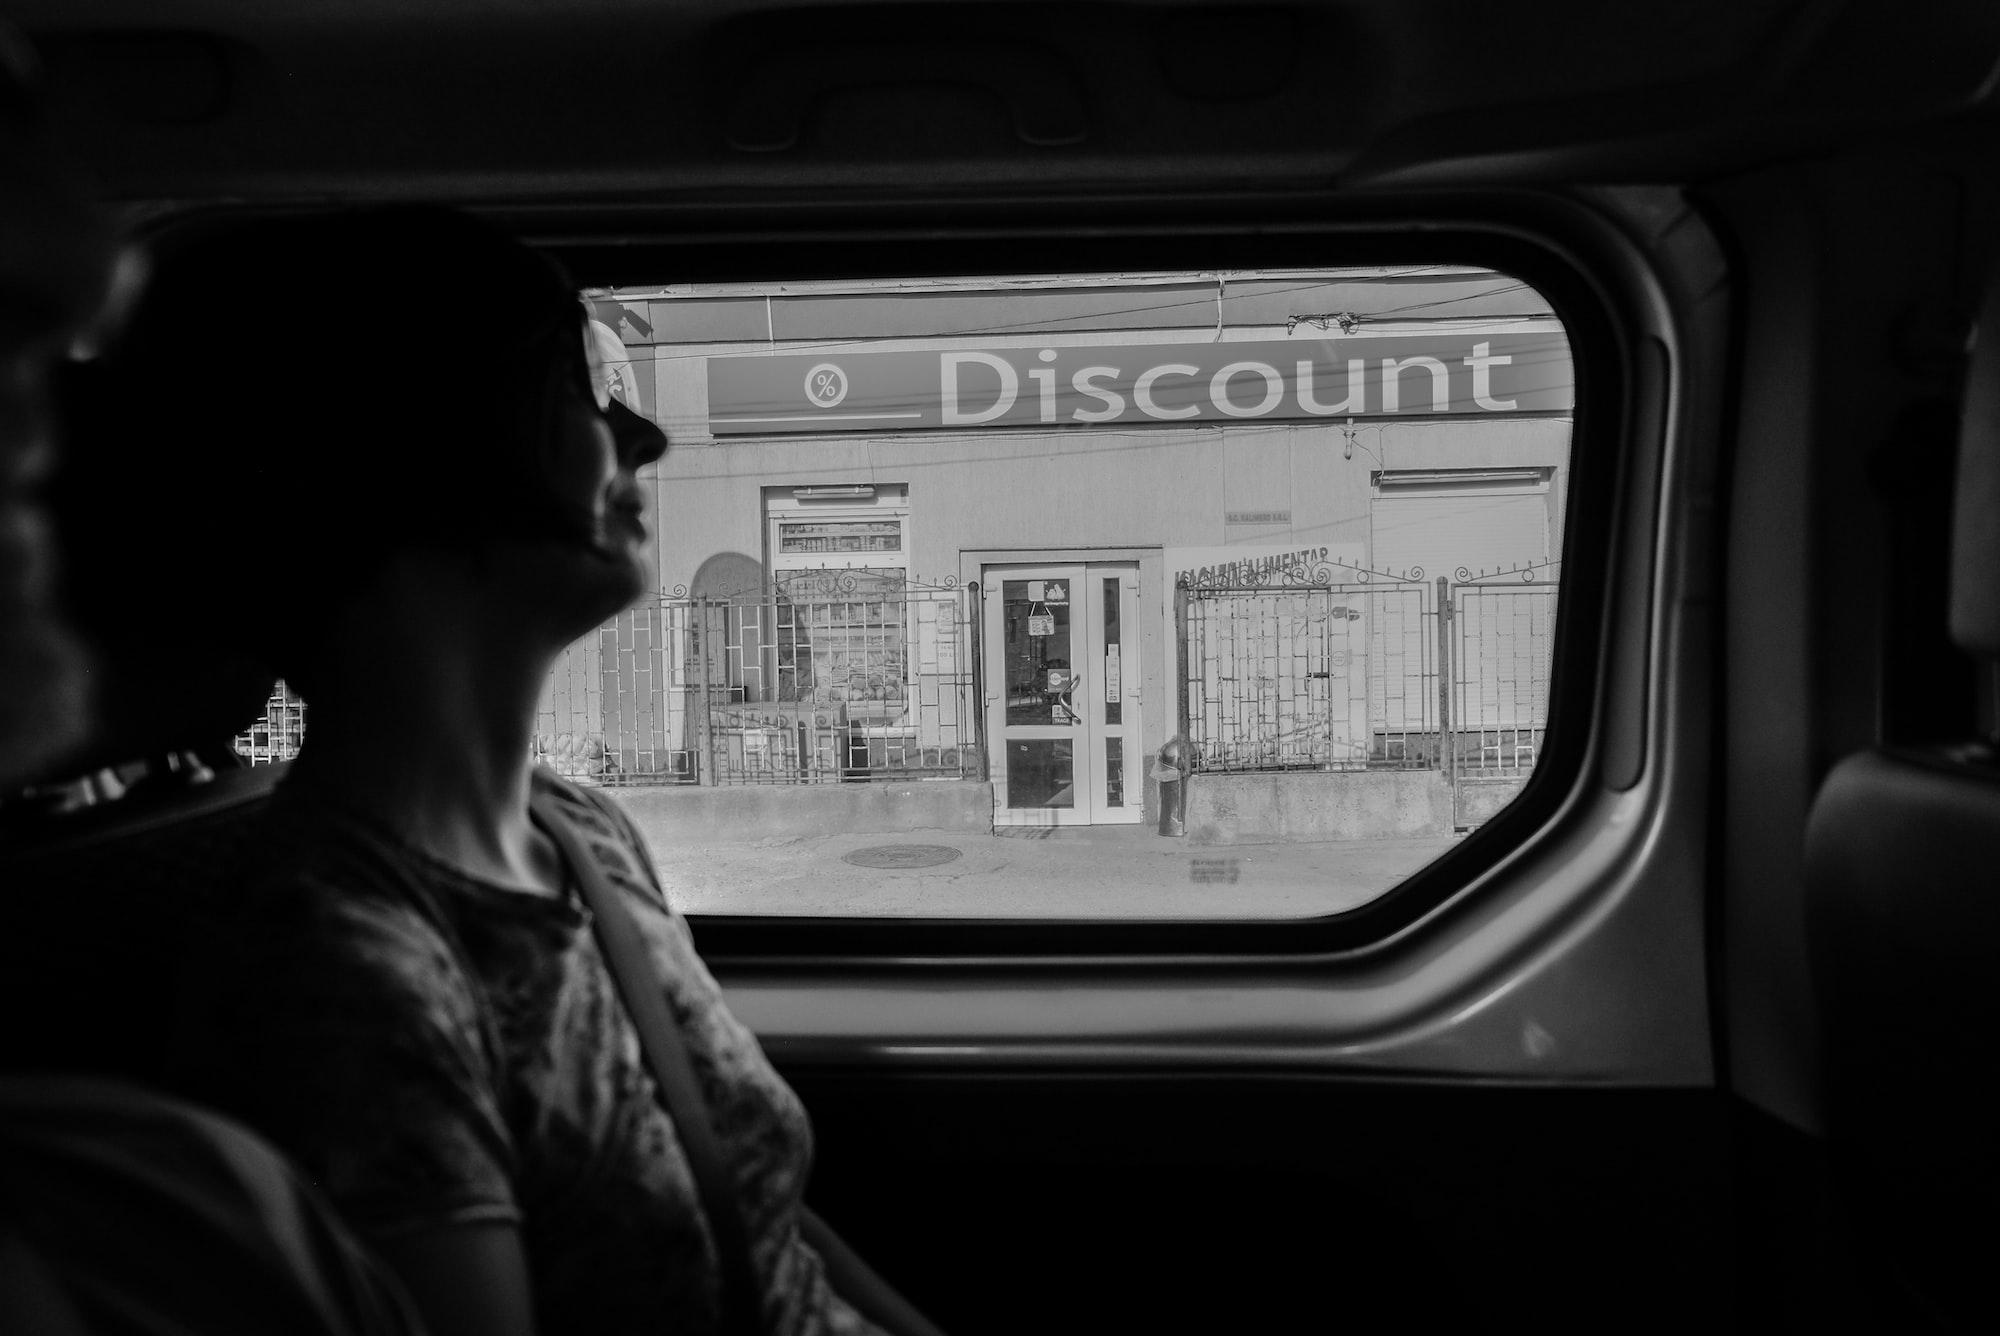 FondsDiscount Erfahrungen - ETFs & Fonds zu niedrigen Gebühren handeln